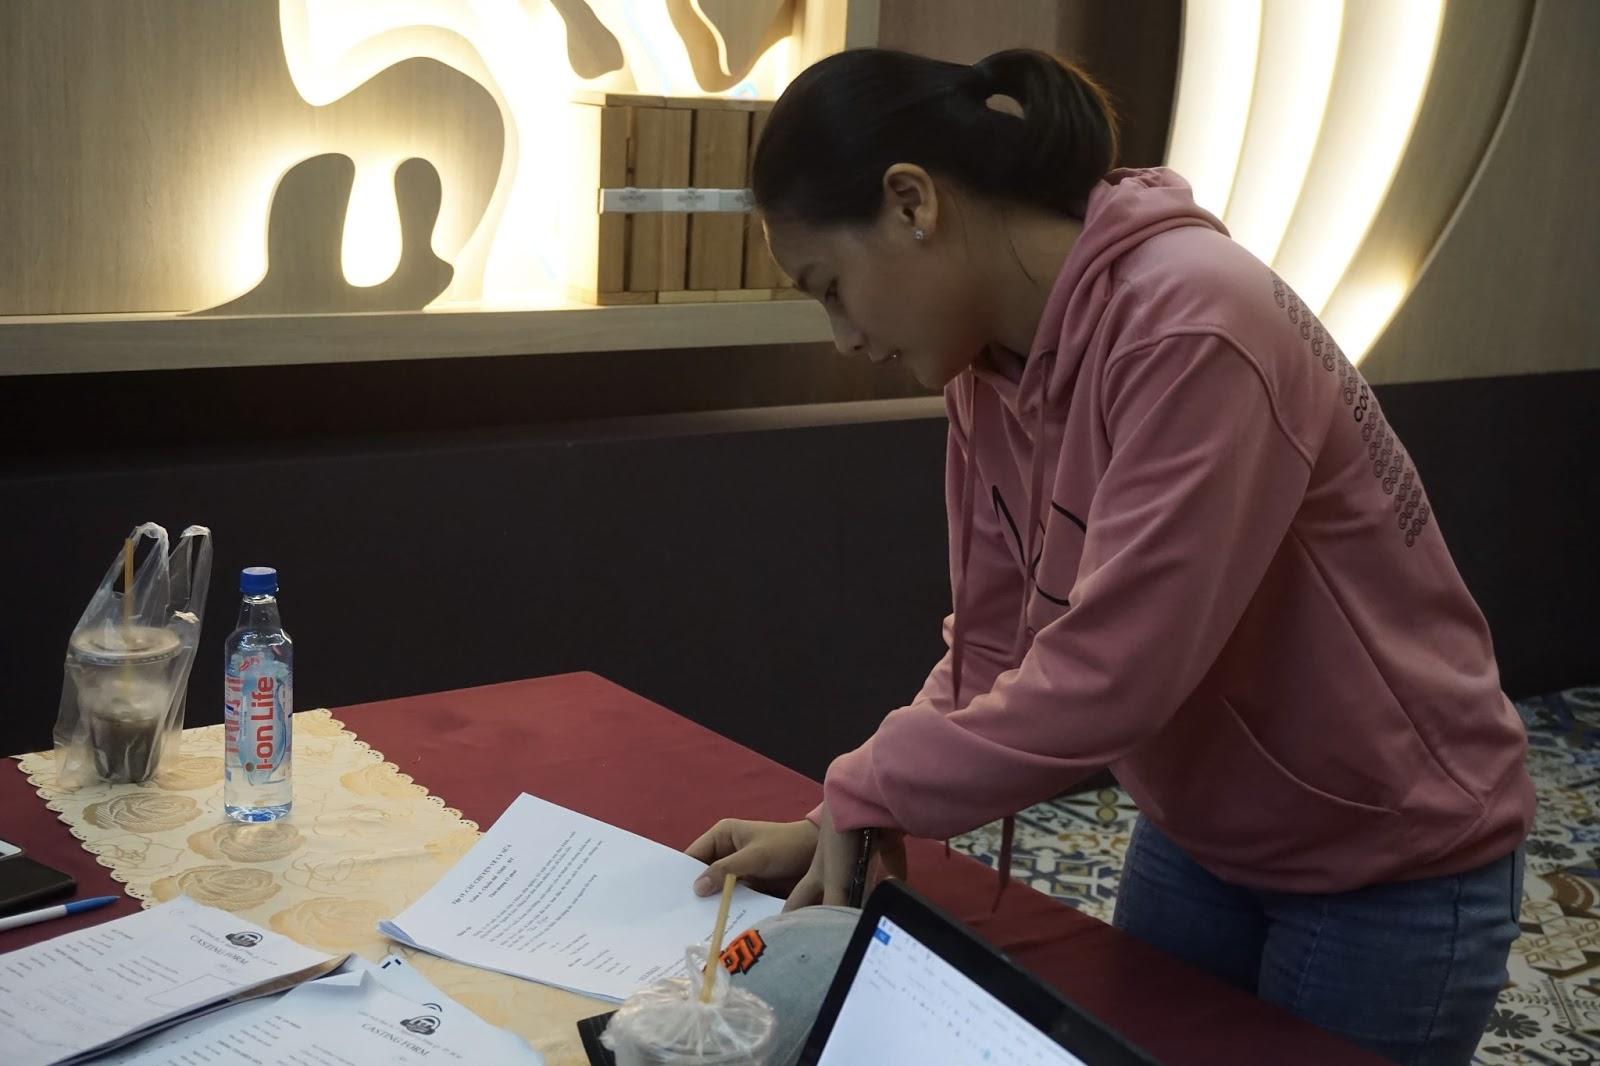 Huyền Thạch, Lâm Hải Sơn hào hứng đến casting dự án 'Hạt giống tâm hồn' - Hình 1